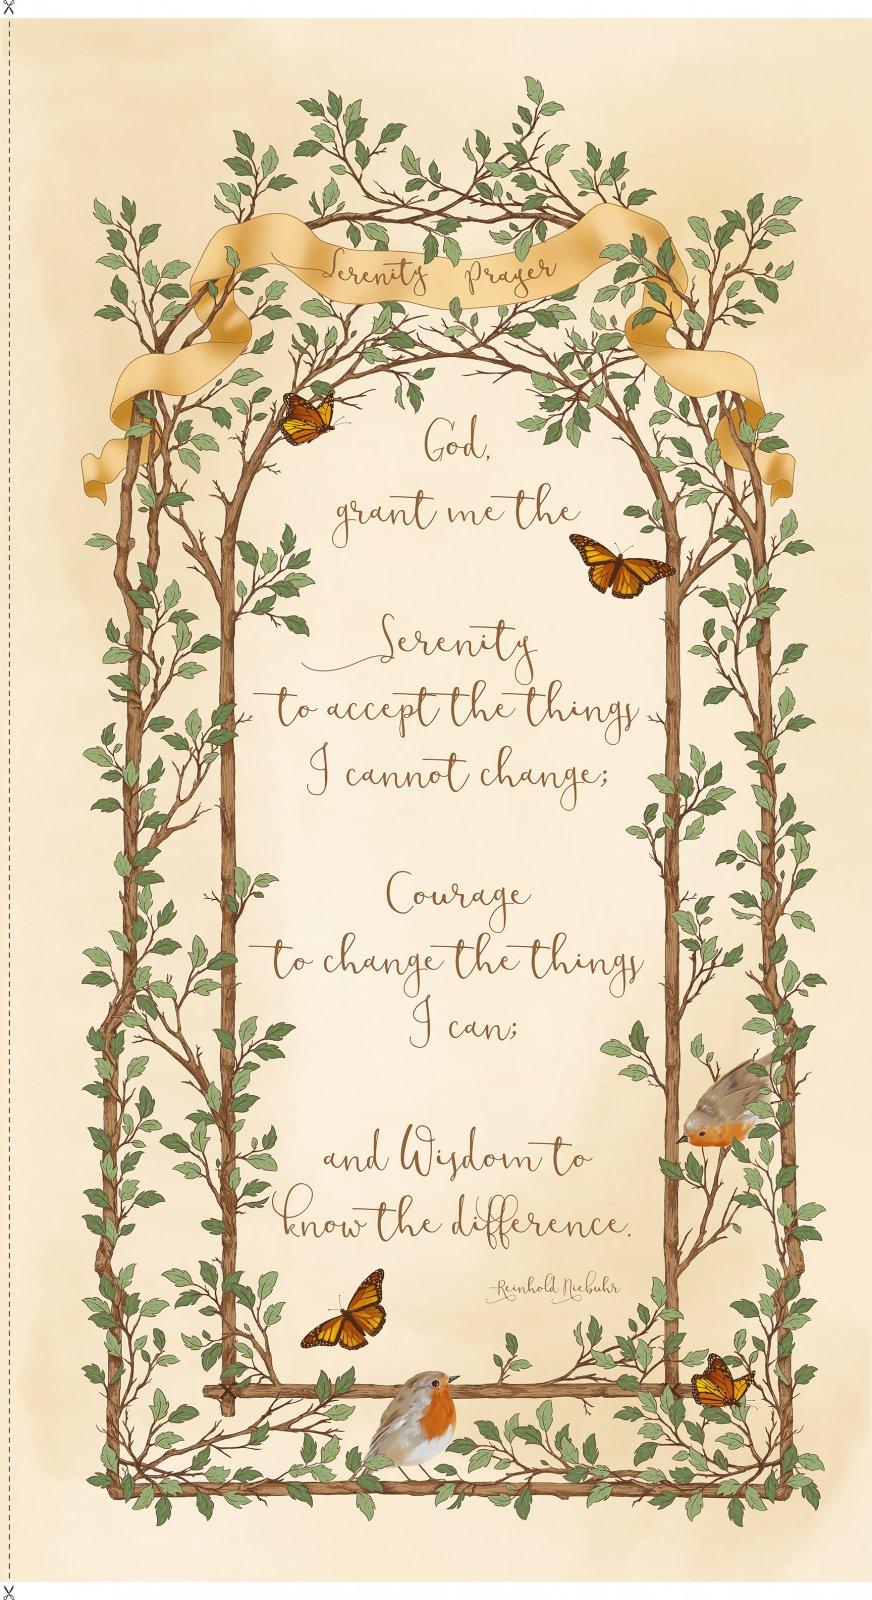 QT - Serenity Prayer Panel/Cream - 25824-E (I-13)